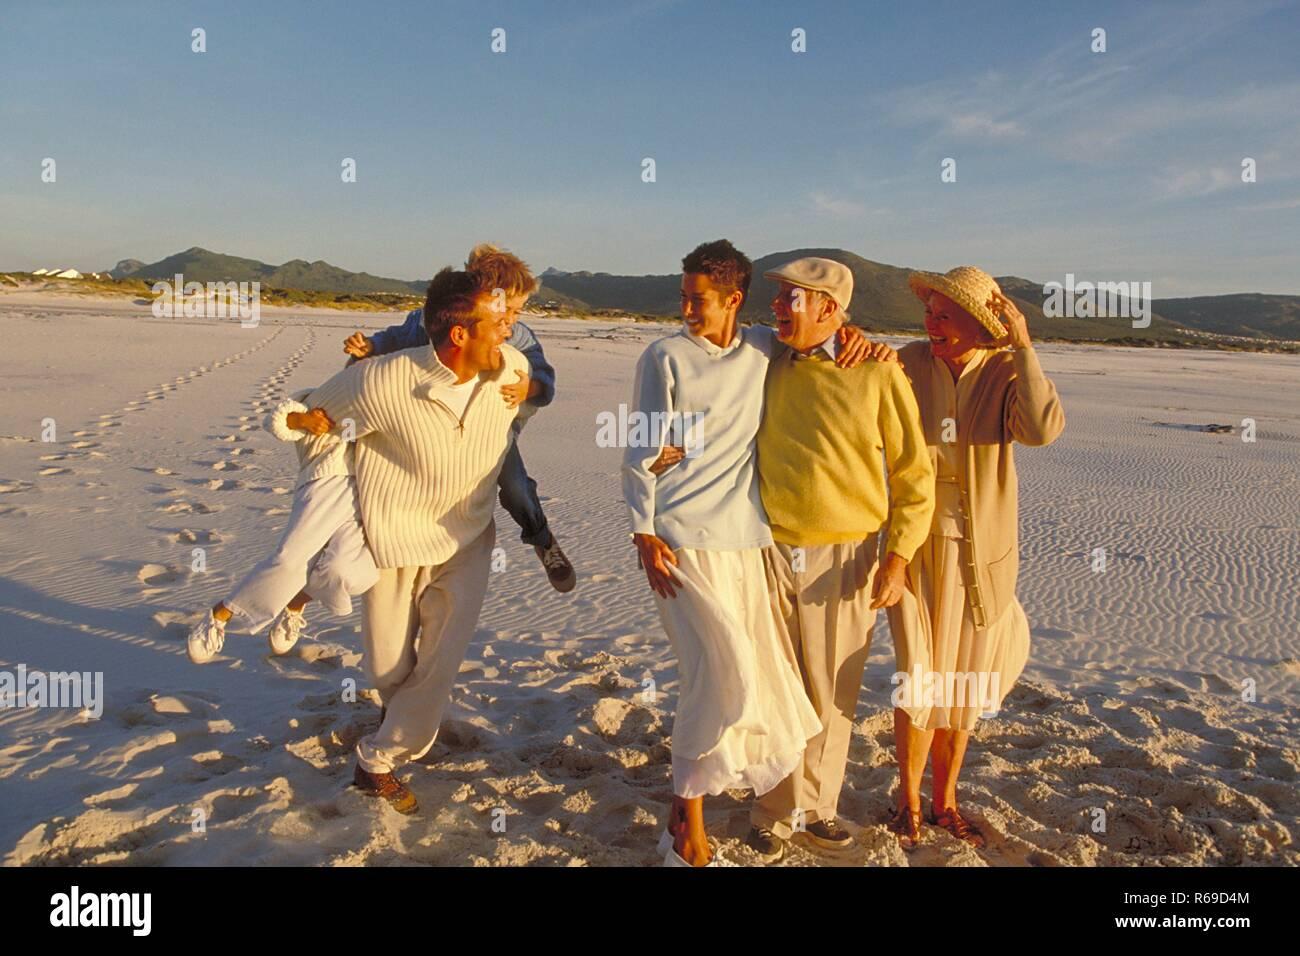 Ganzfigur, 3 Generationen einer Familie gehen am Strand spazieren - Stock Image